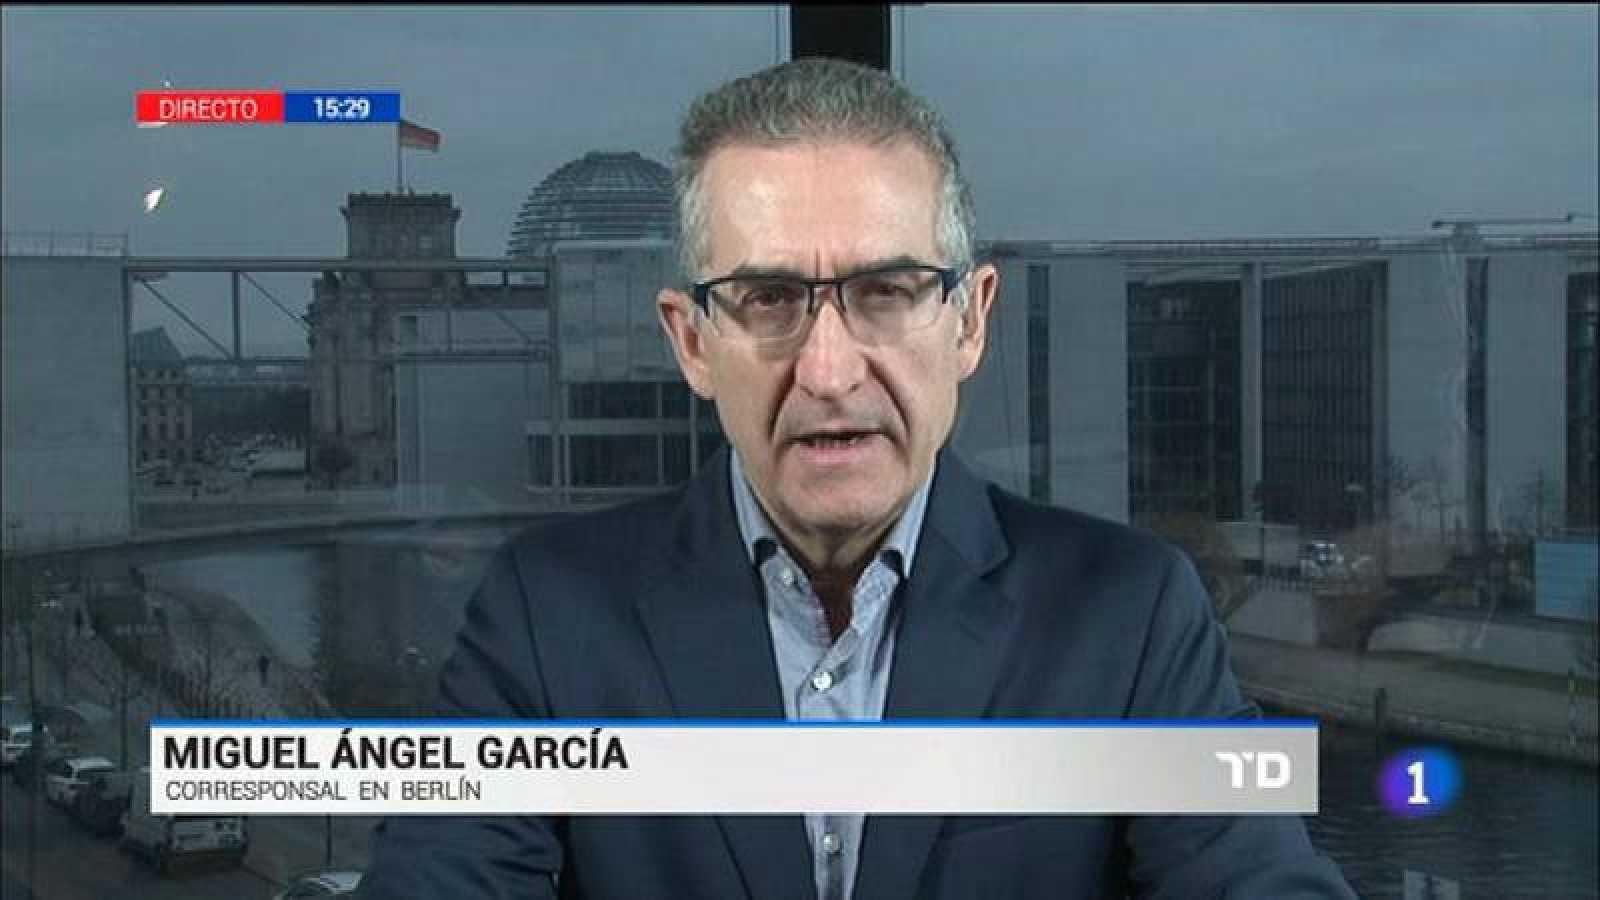 Miguel Ángel García Rodríguez